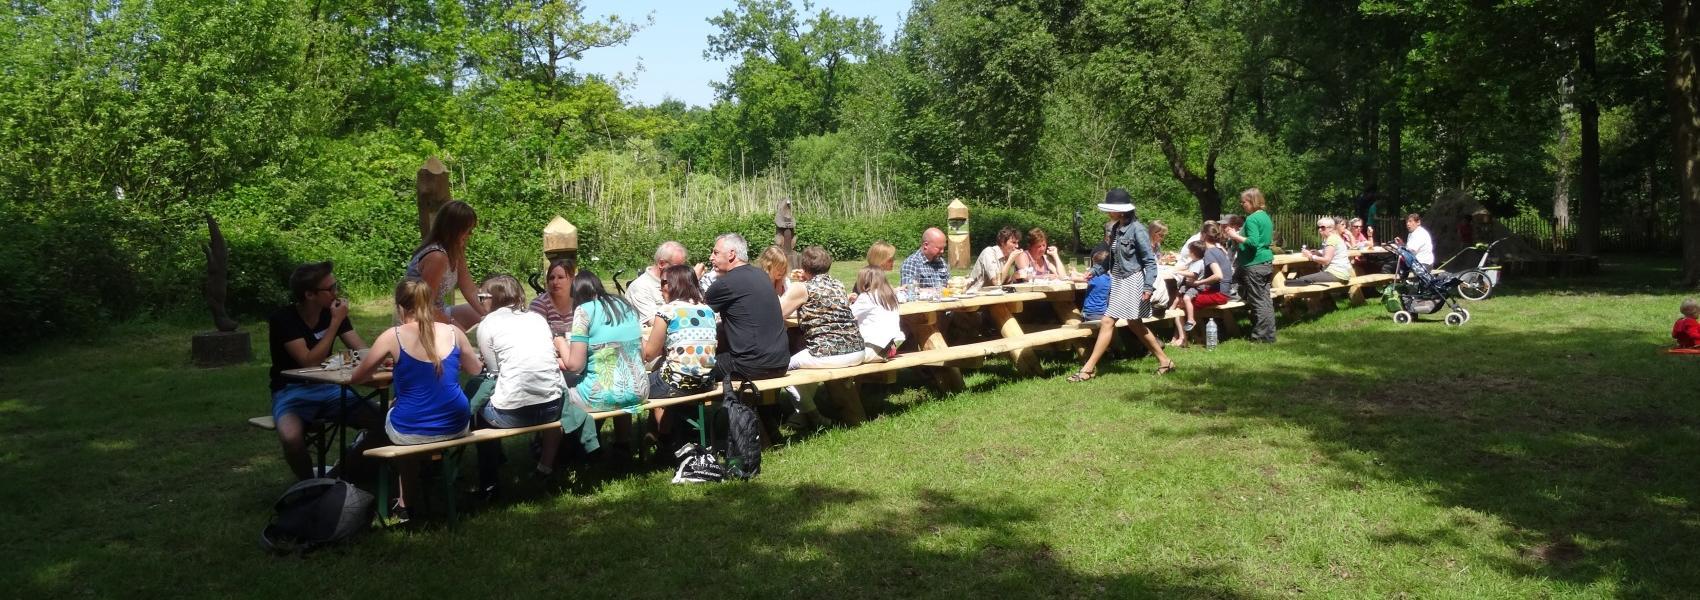 groep aan lange picknicktafel